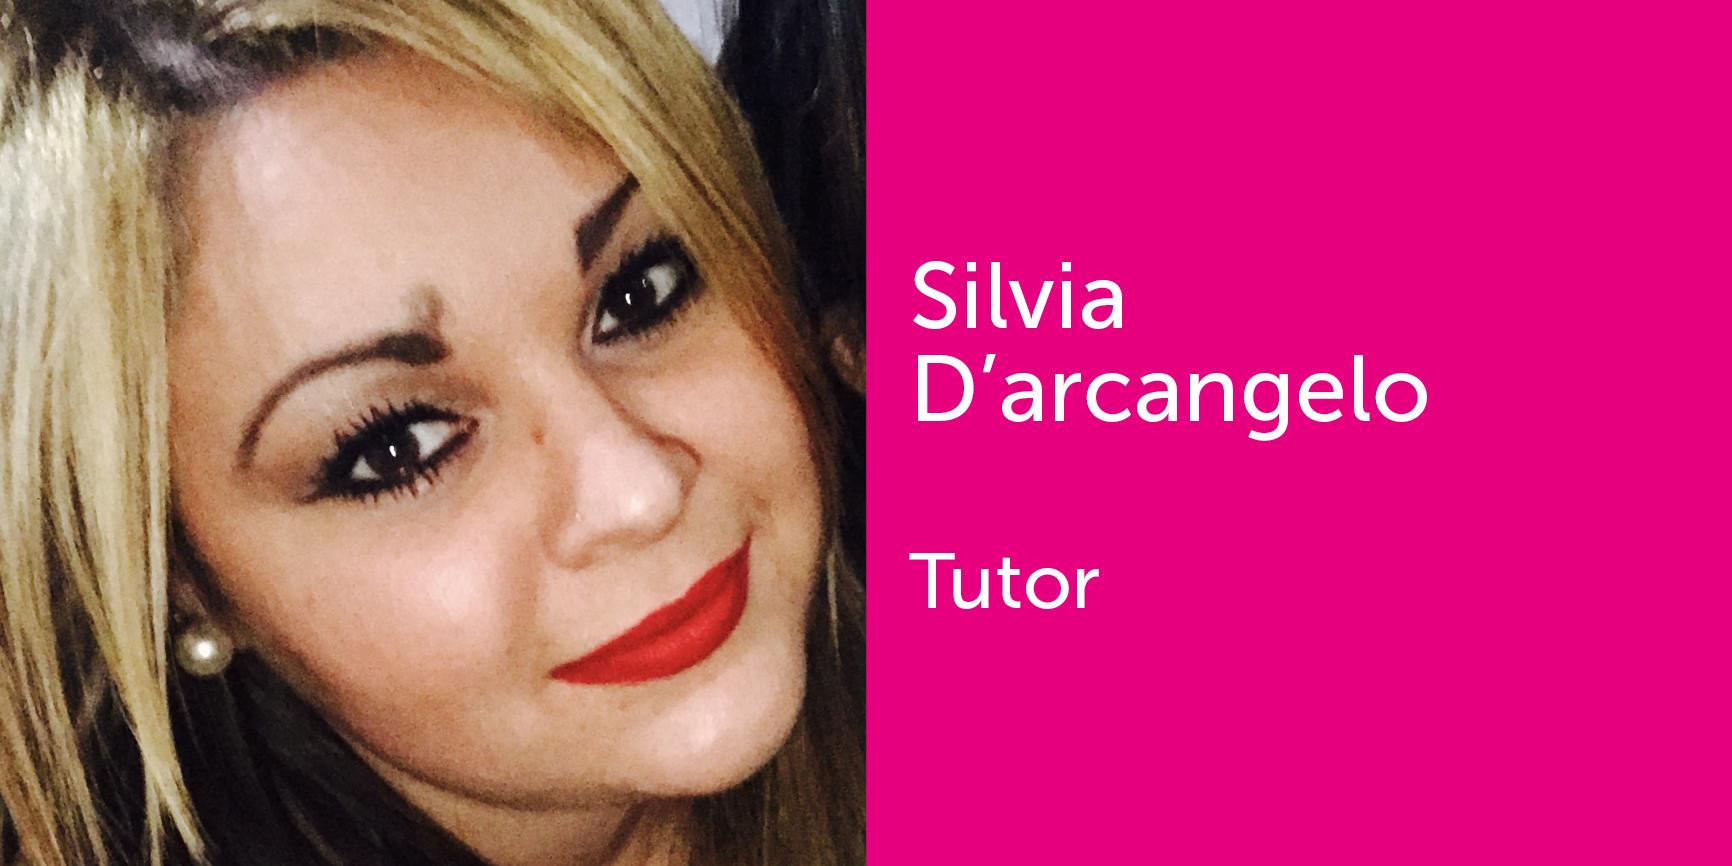 Silvia D'Arcangelo - Tutor